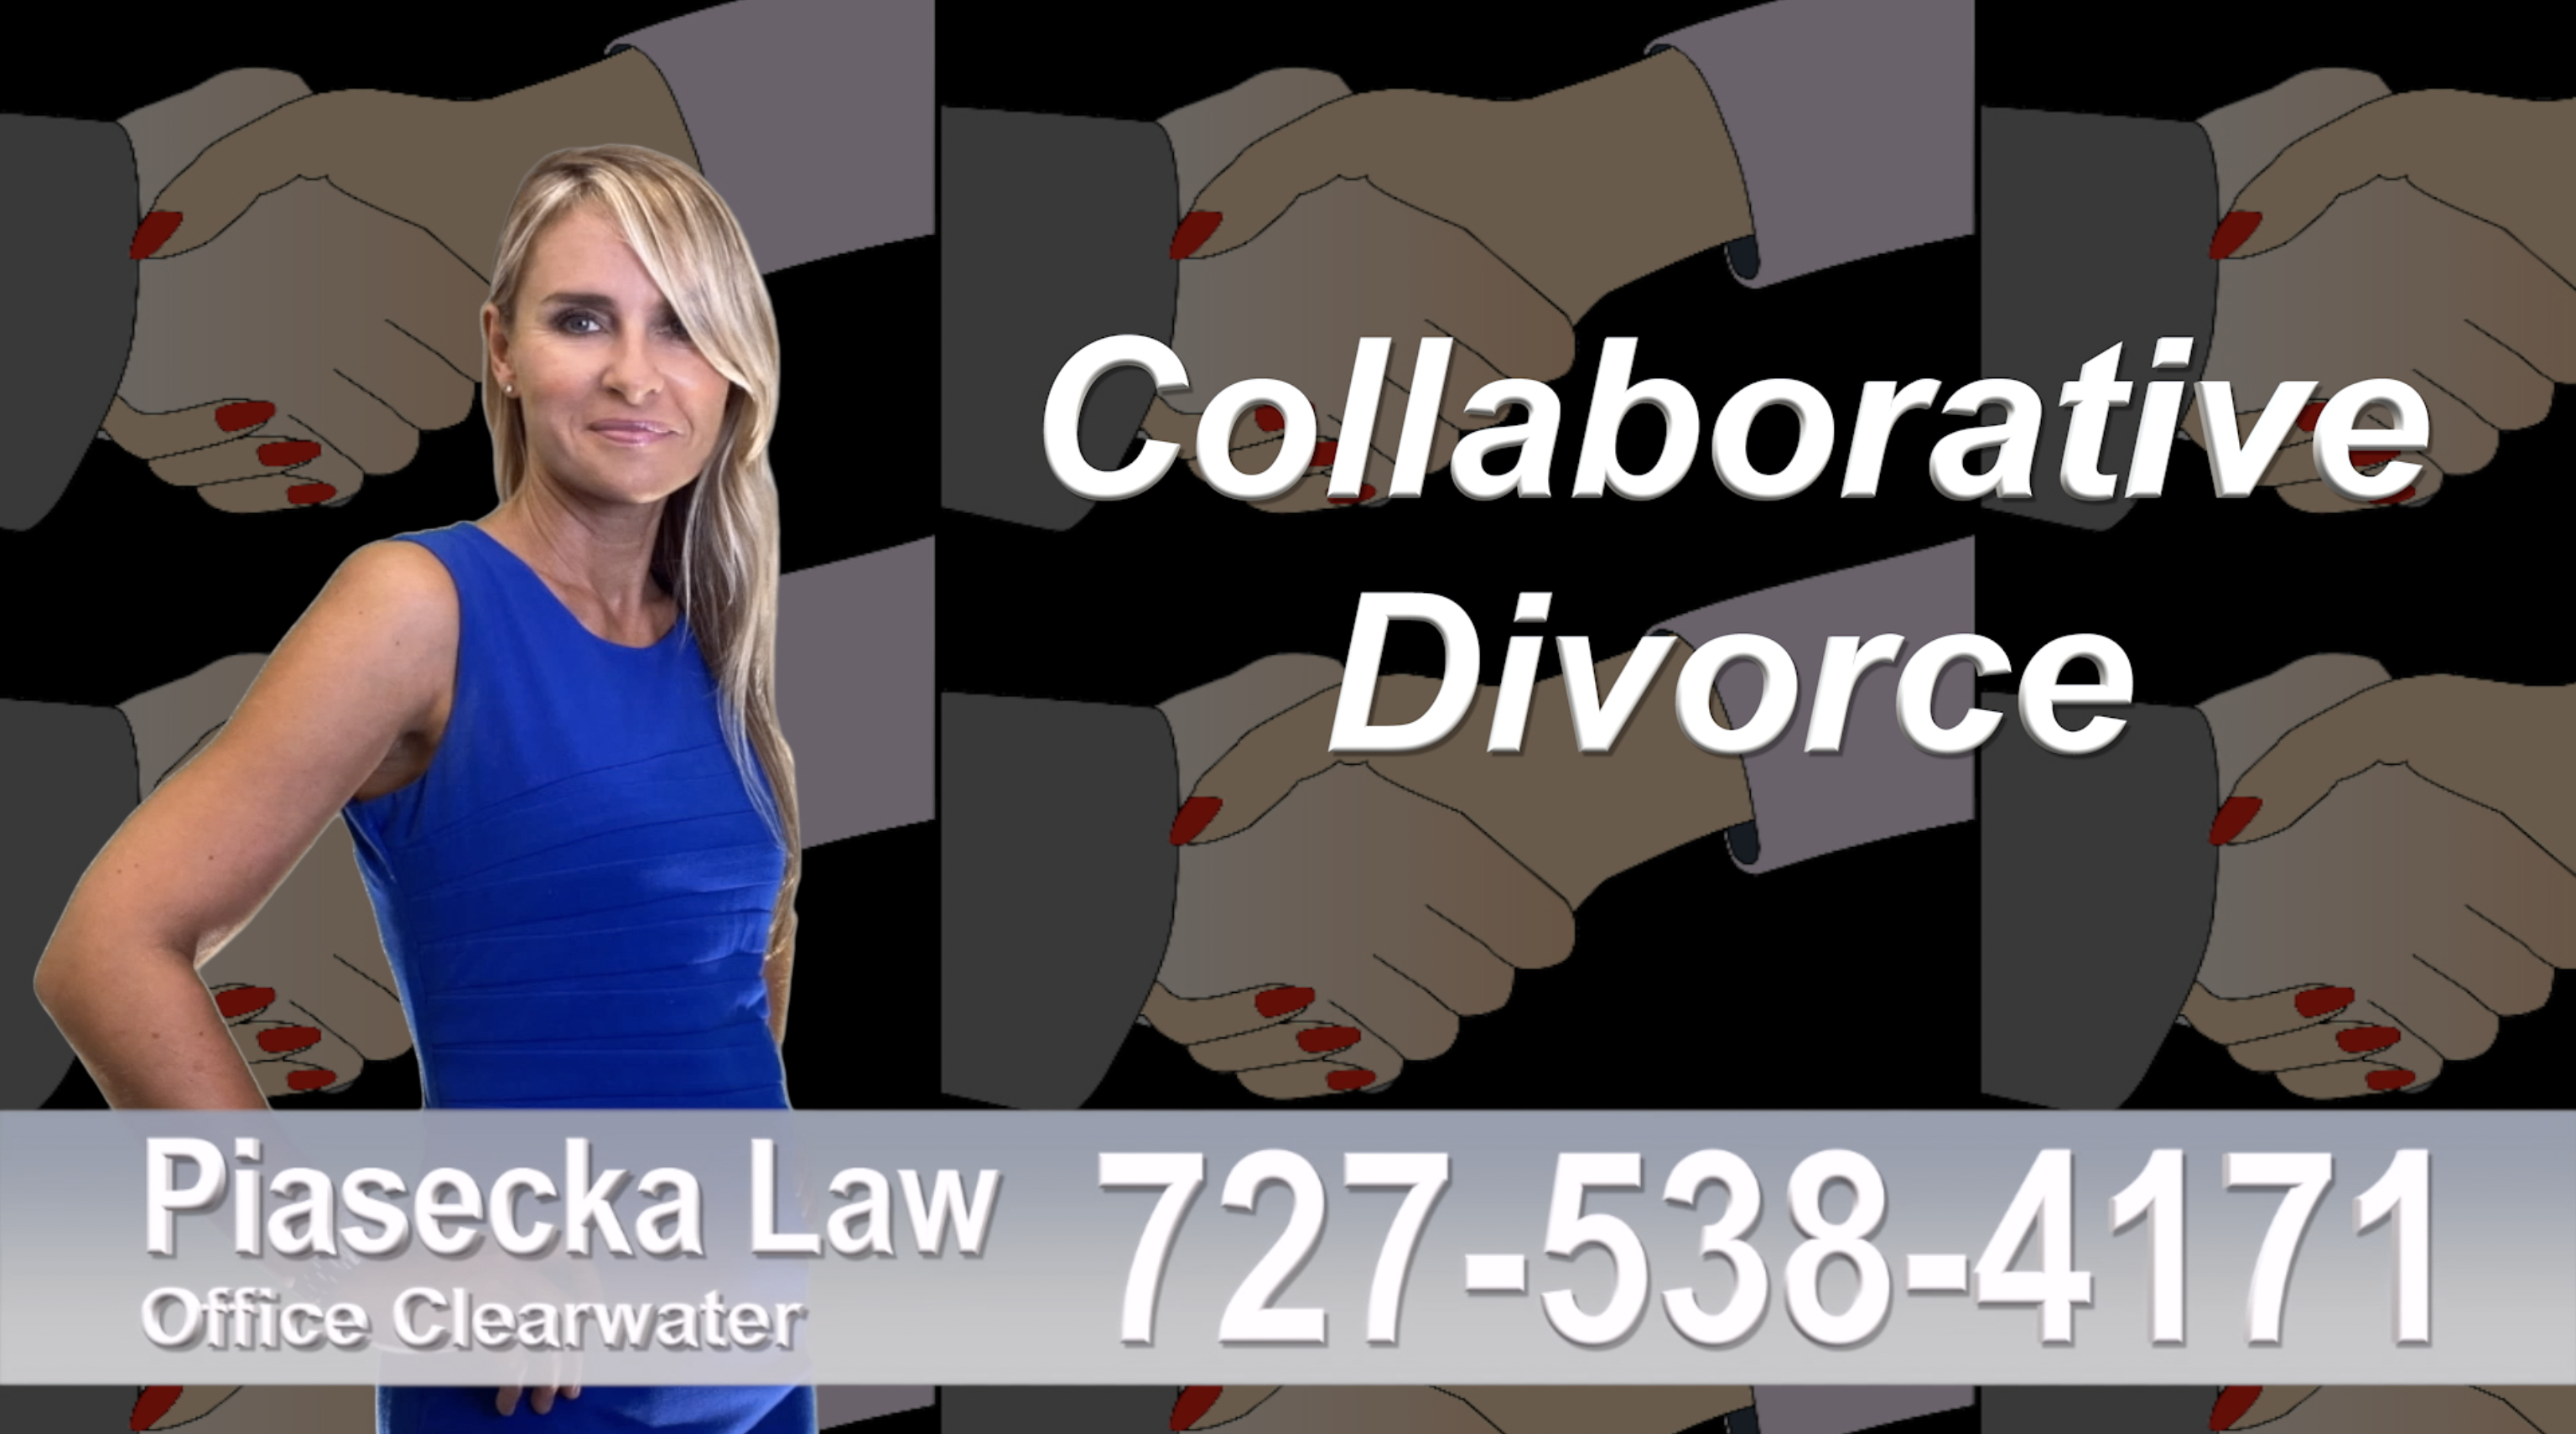 Marco Island, Collaborative, Divorce, Attorney, Agnieszka, Piasecka, Prawnik, Rozwodowy, Rozwód, Adwokat, Najlepszy, Best, divorce, attorney, lawyer